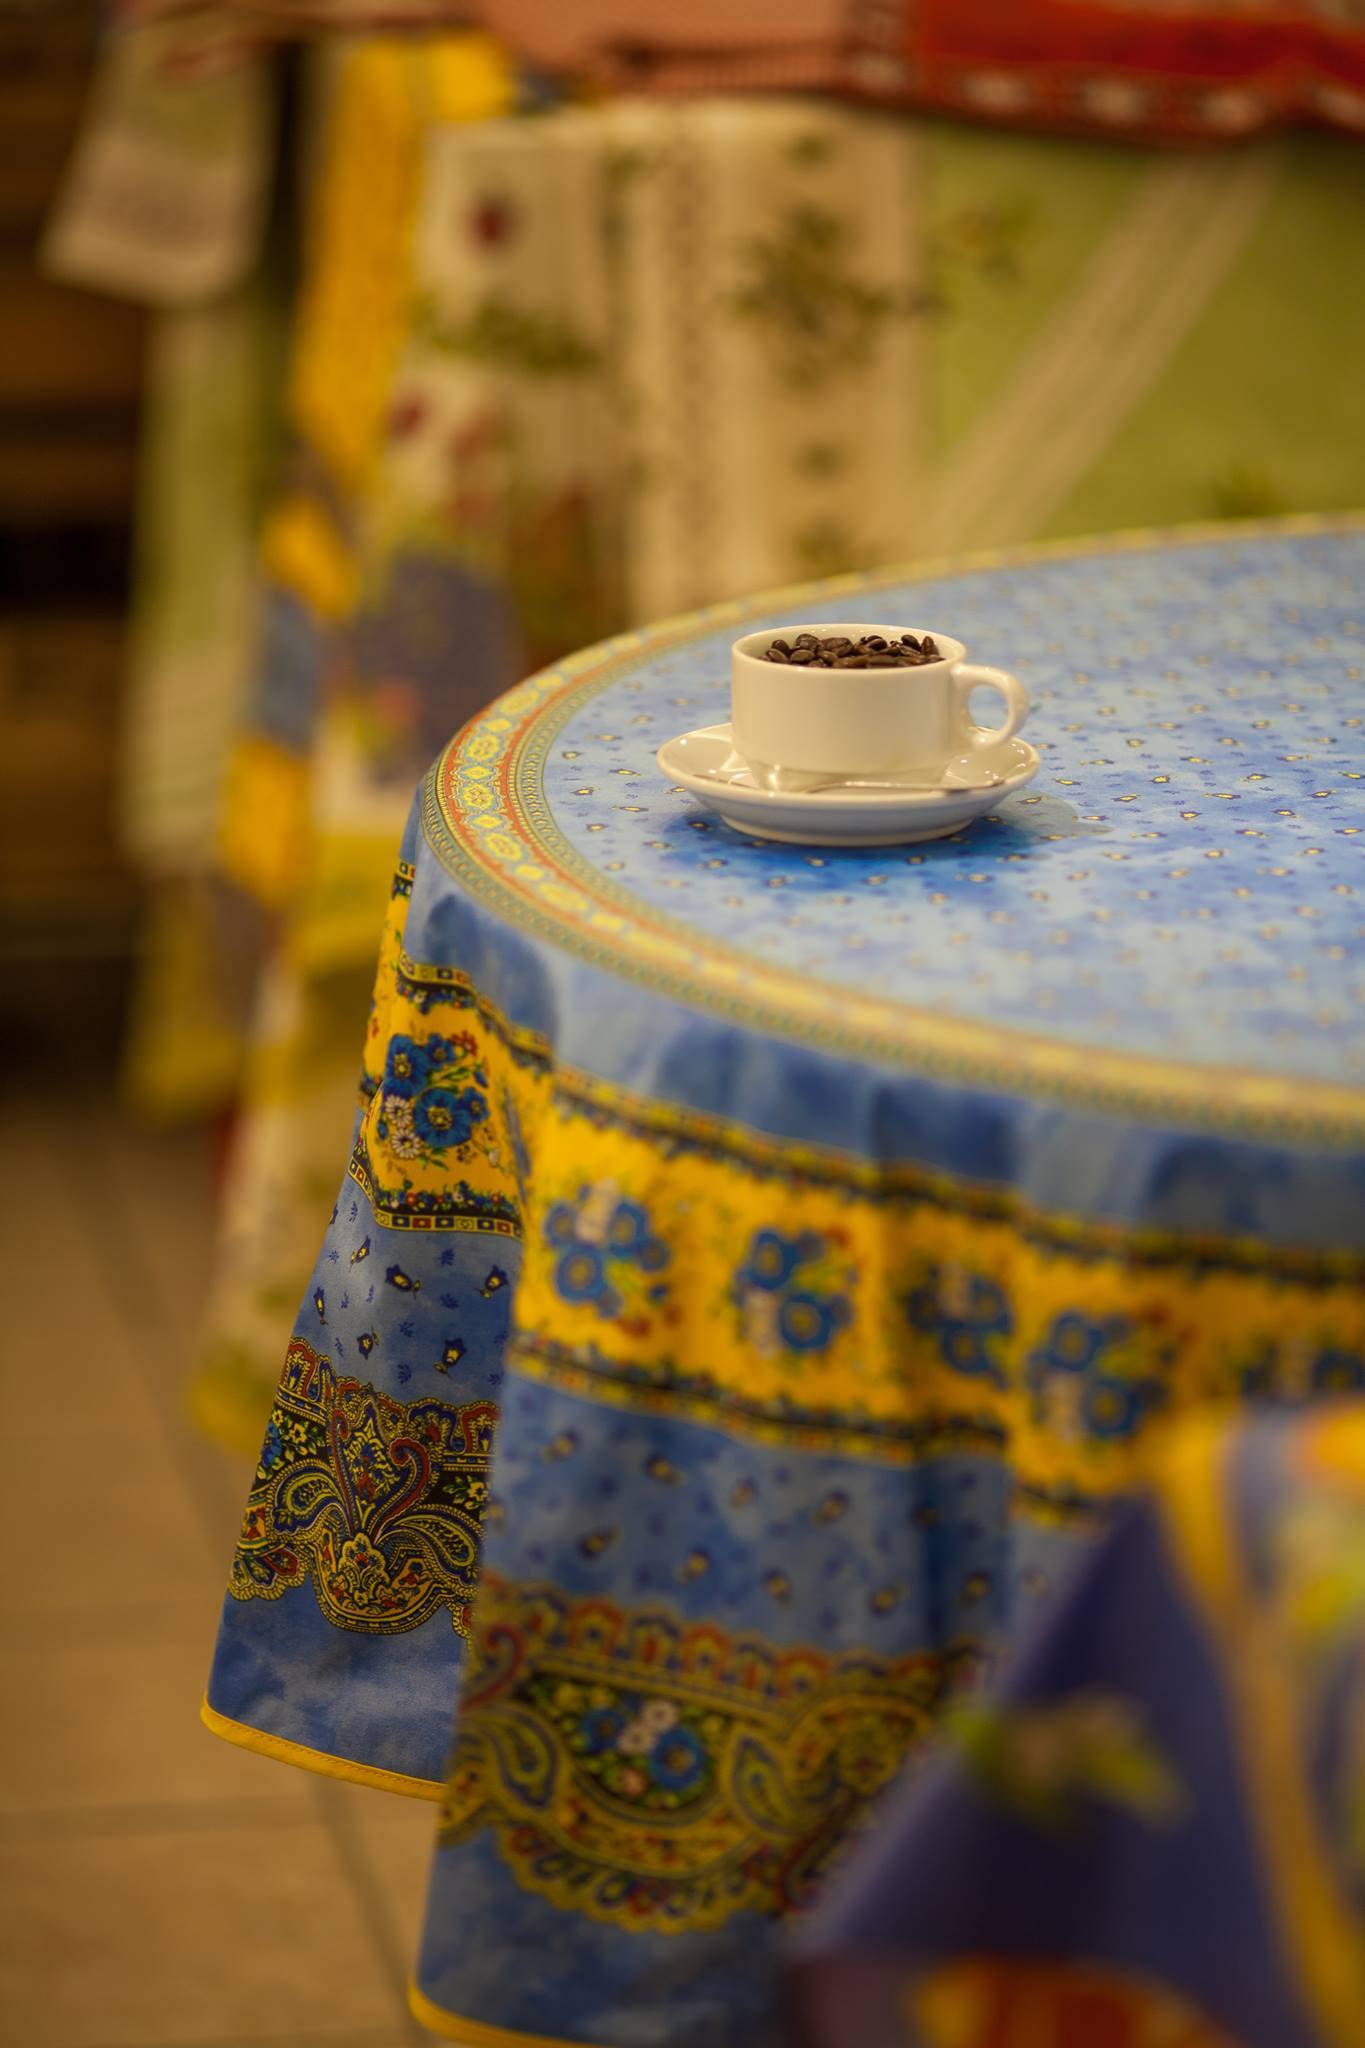 オリーヴ、ラベンダー、花柄などとても素敵なデザインのテーブルクロスをご用意しております